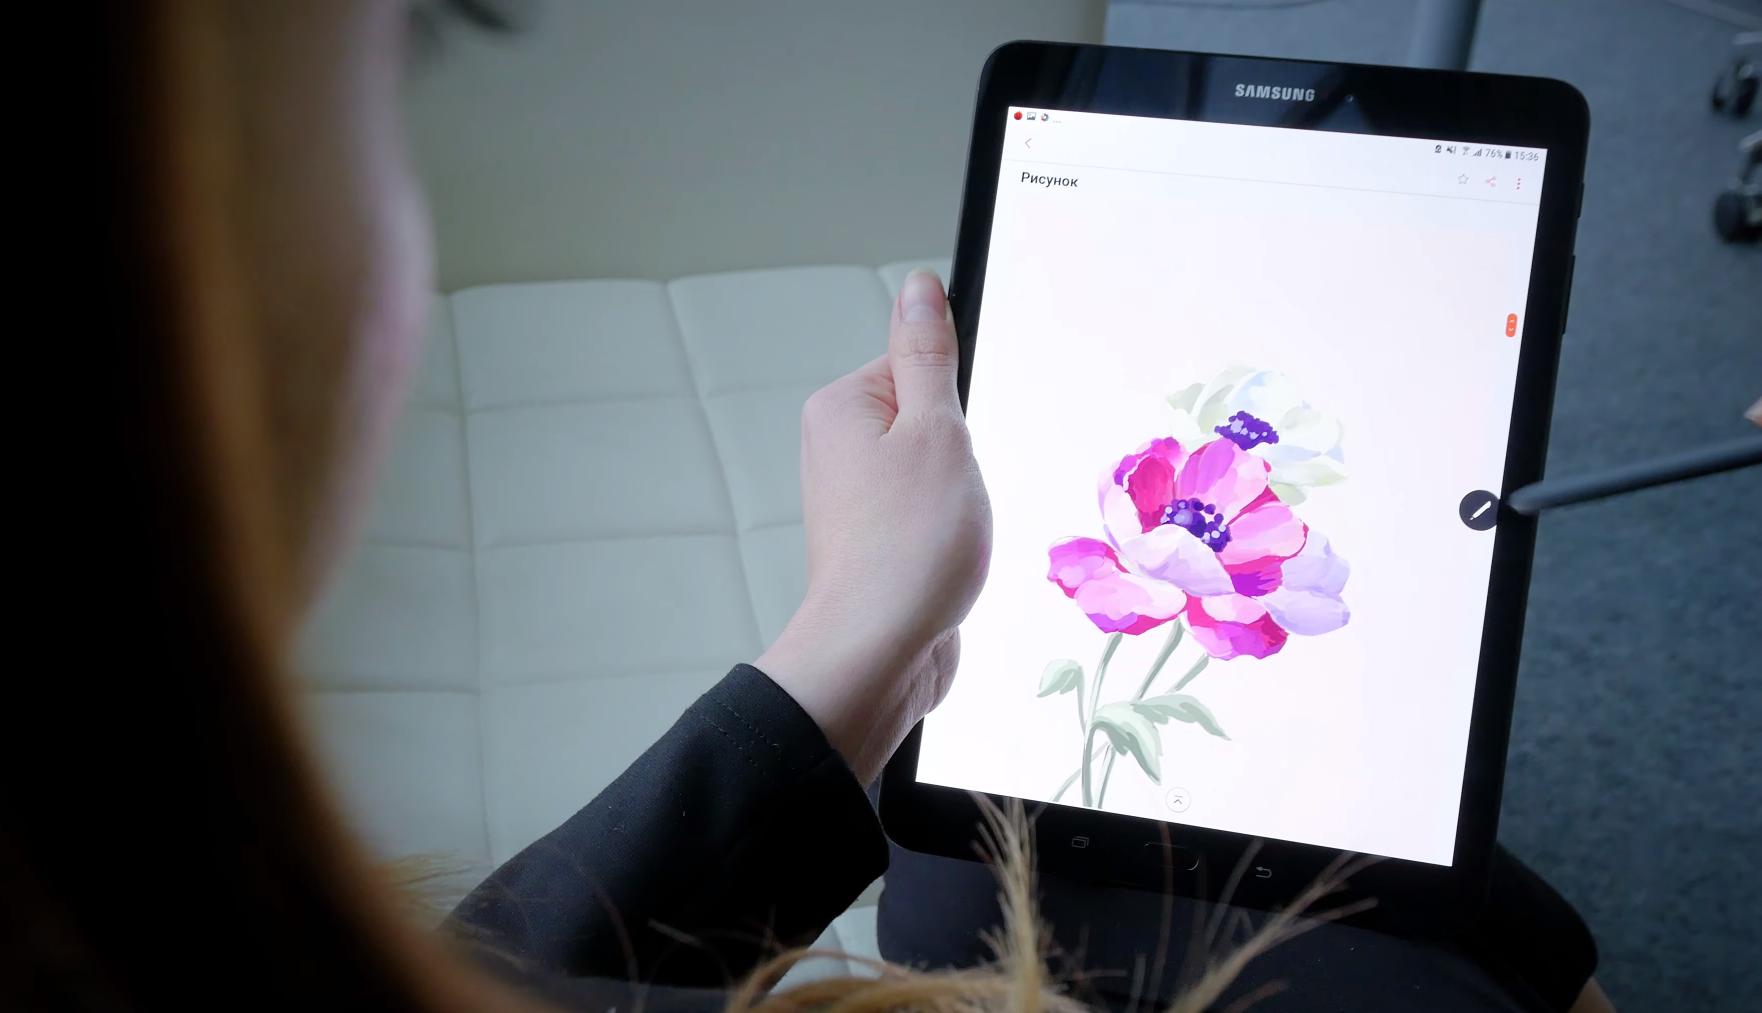 9,7 дюймов идеального изображения — Samsung Galaxy Tab S3